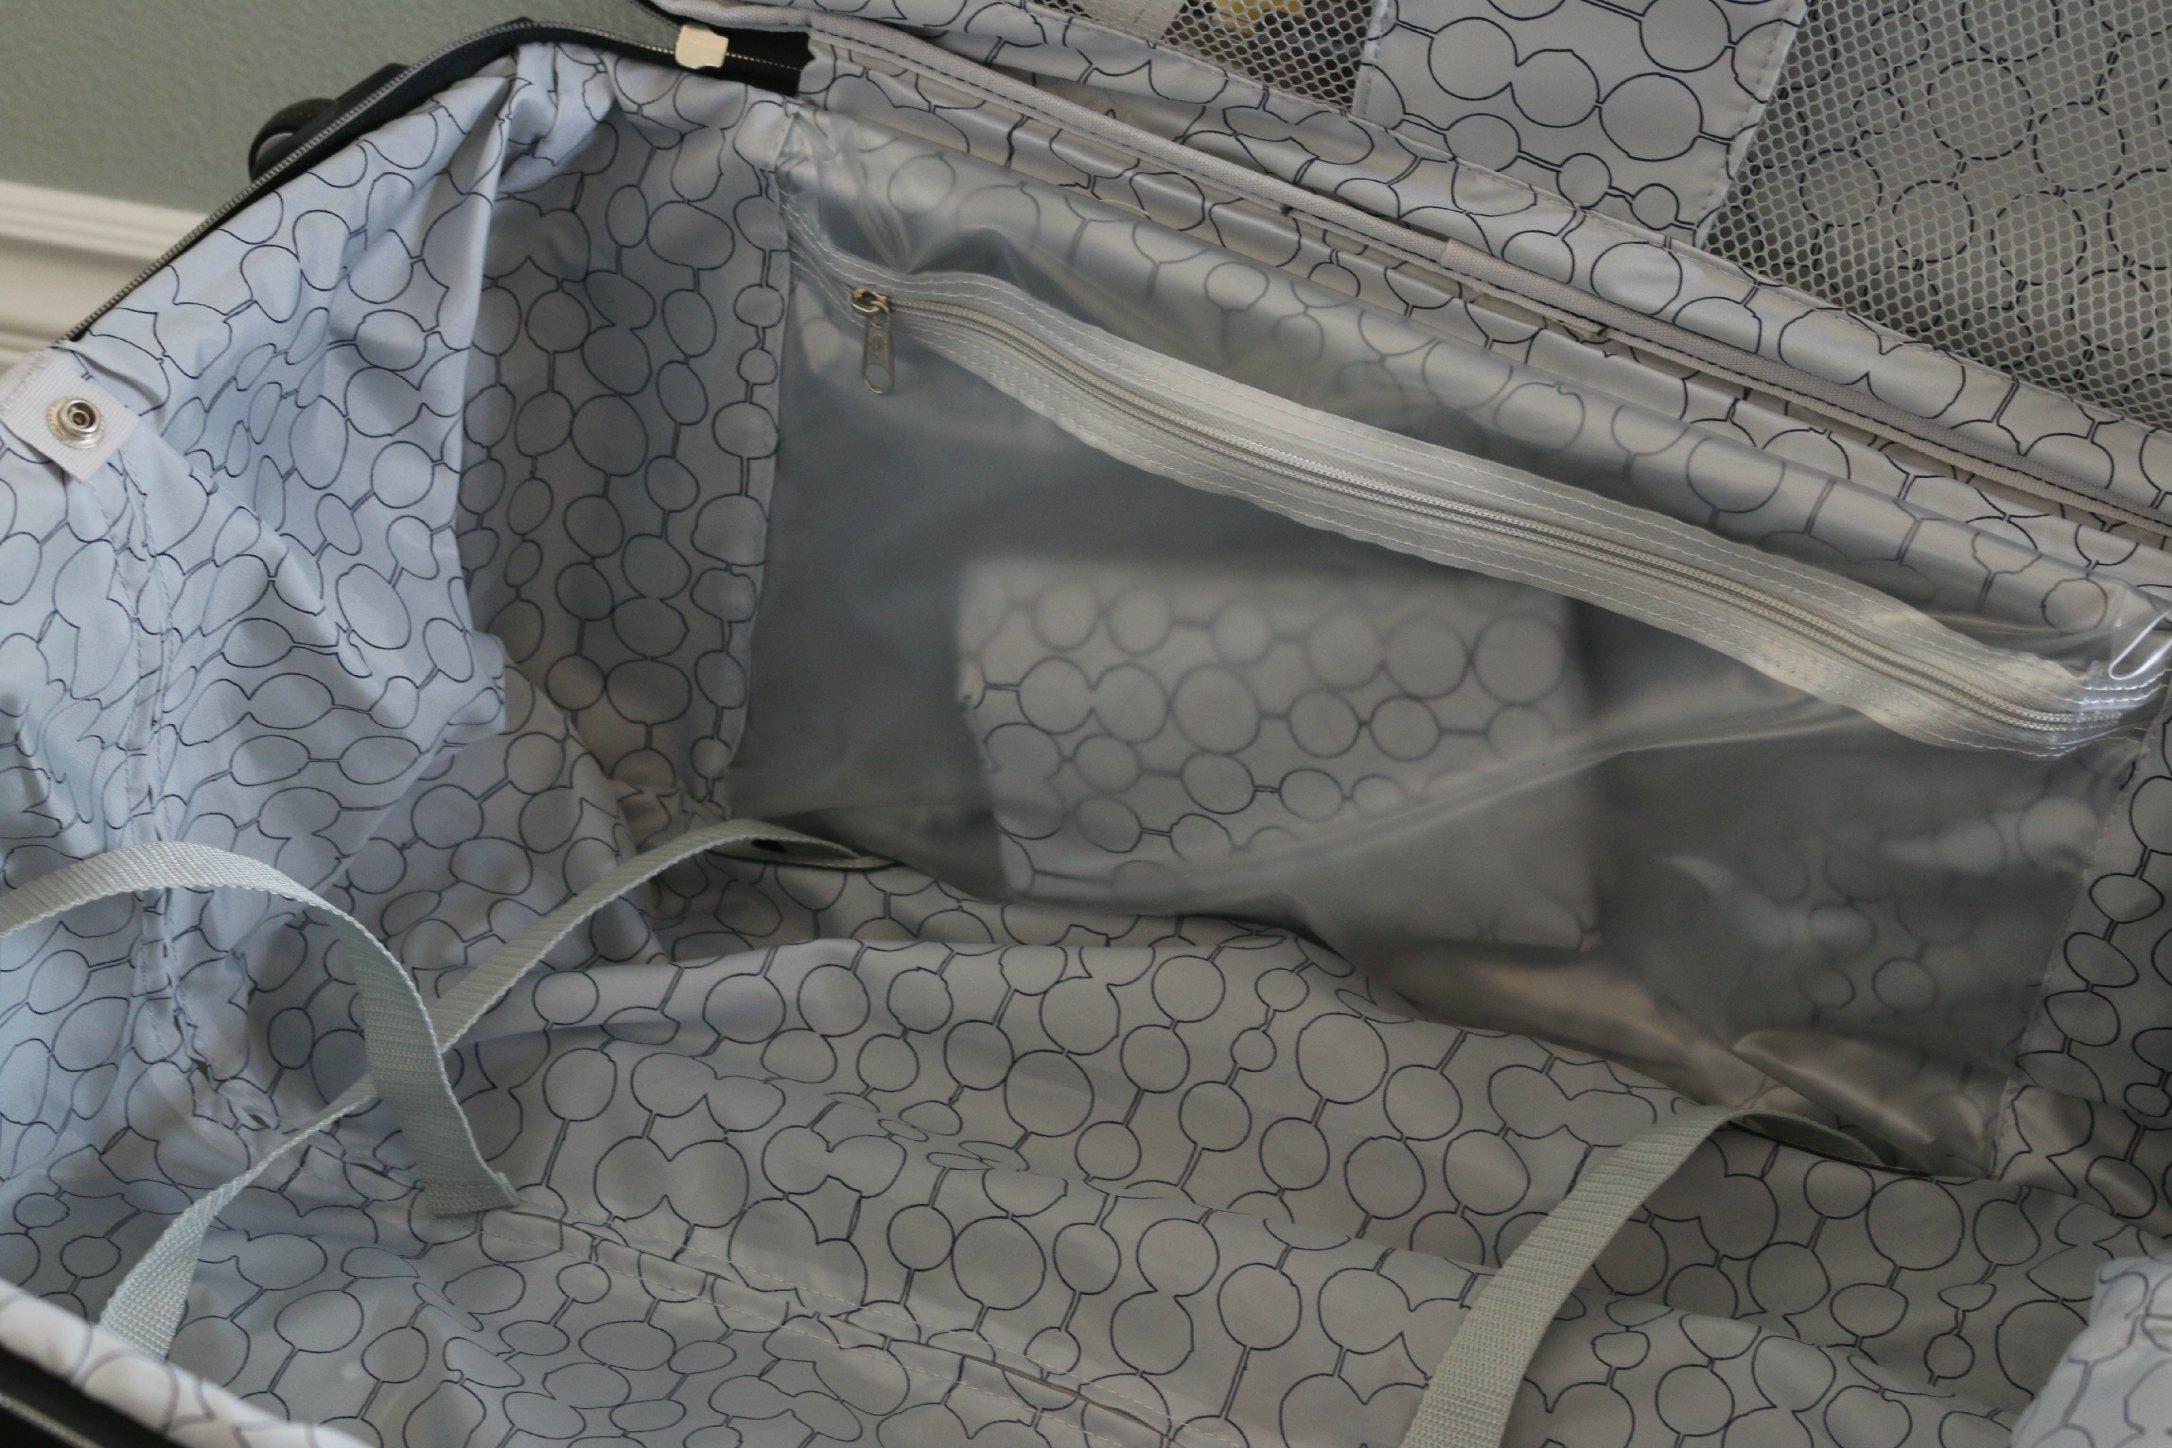 Atlantic Luggage premium luggage